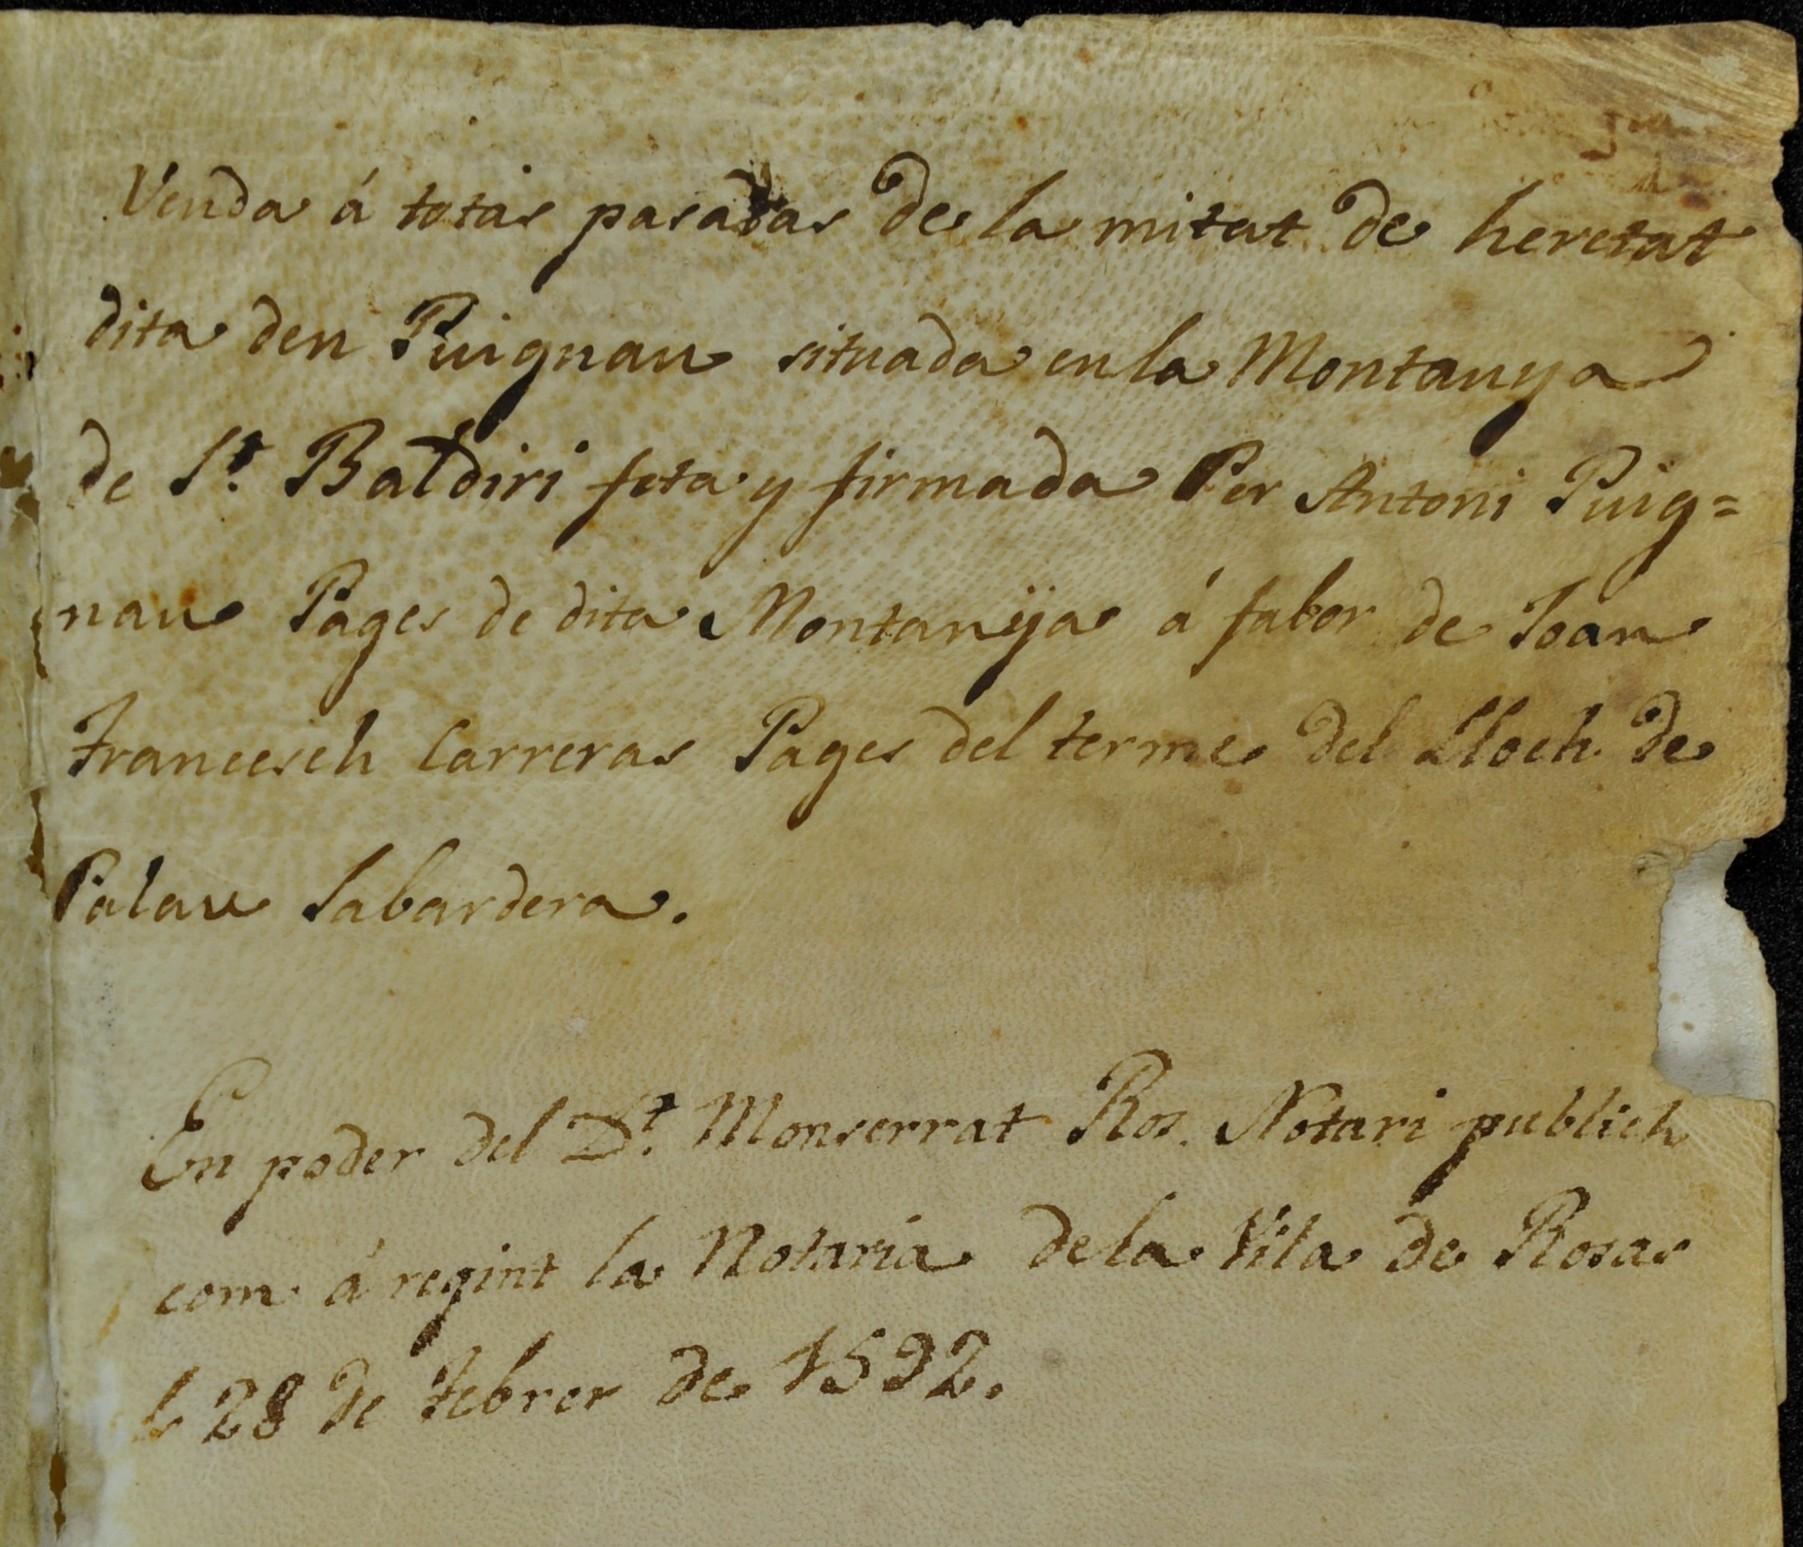 Escriptures, heretats i notaris, al document del mes de l'Arxiu Municipal de Roses